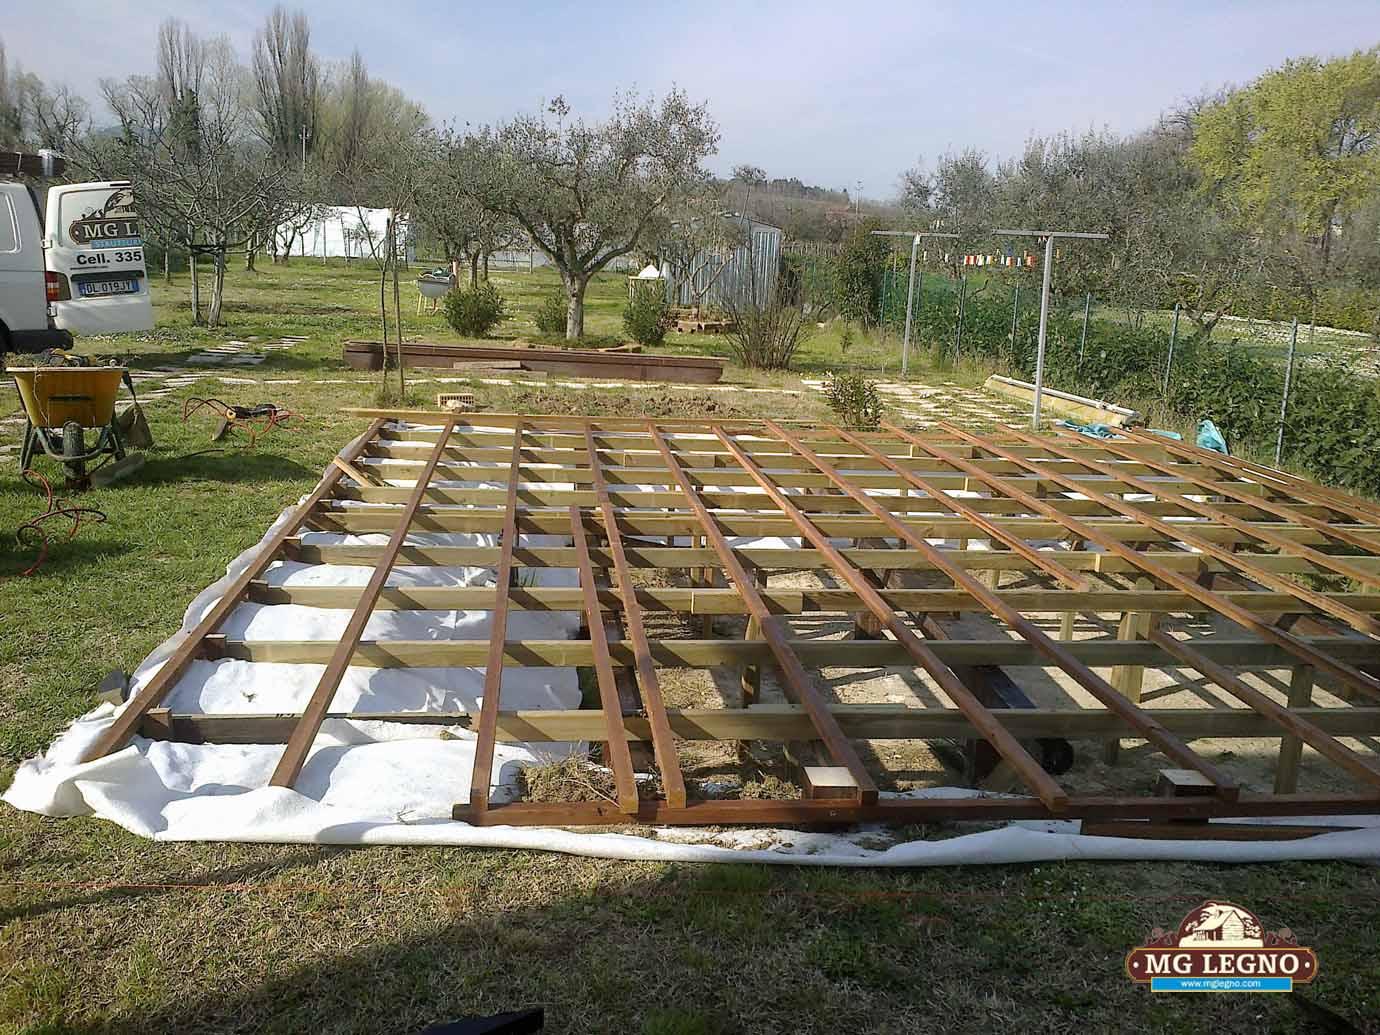 Pedana Di Legno Per Giardino casa moderna, roma italy: pedana in legno per esterni